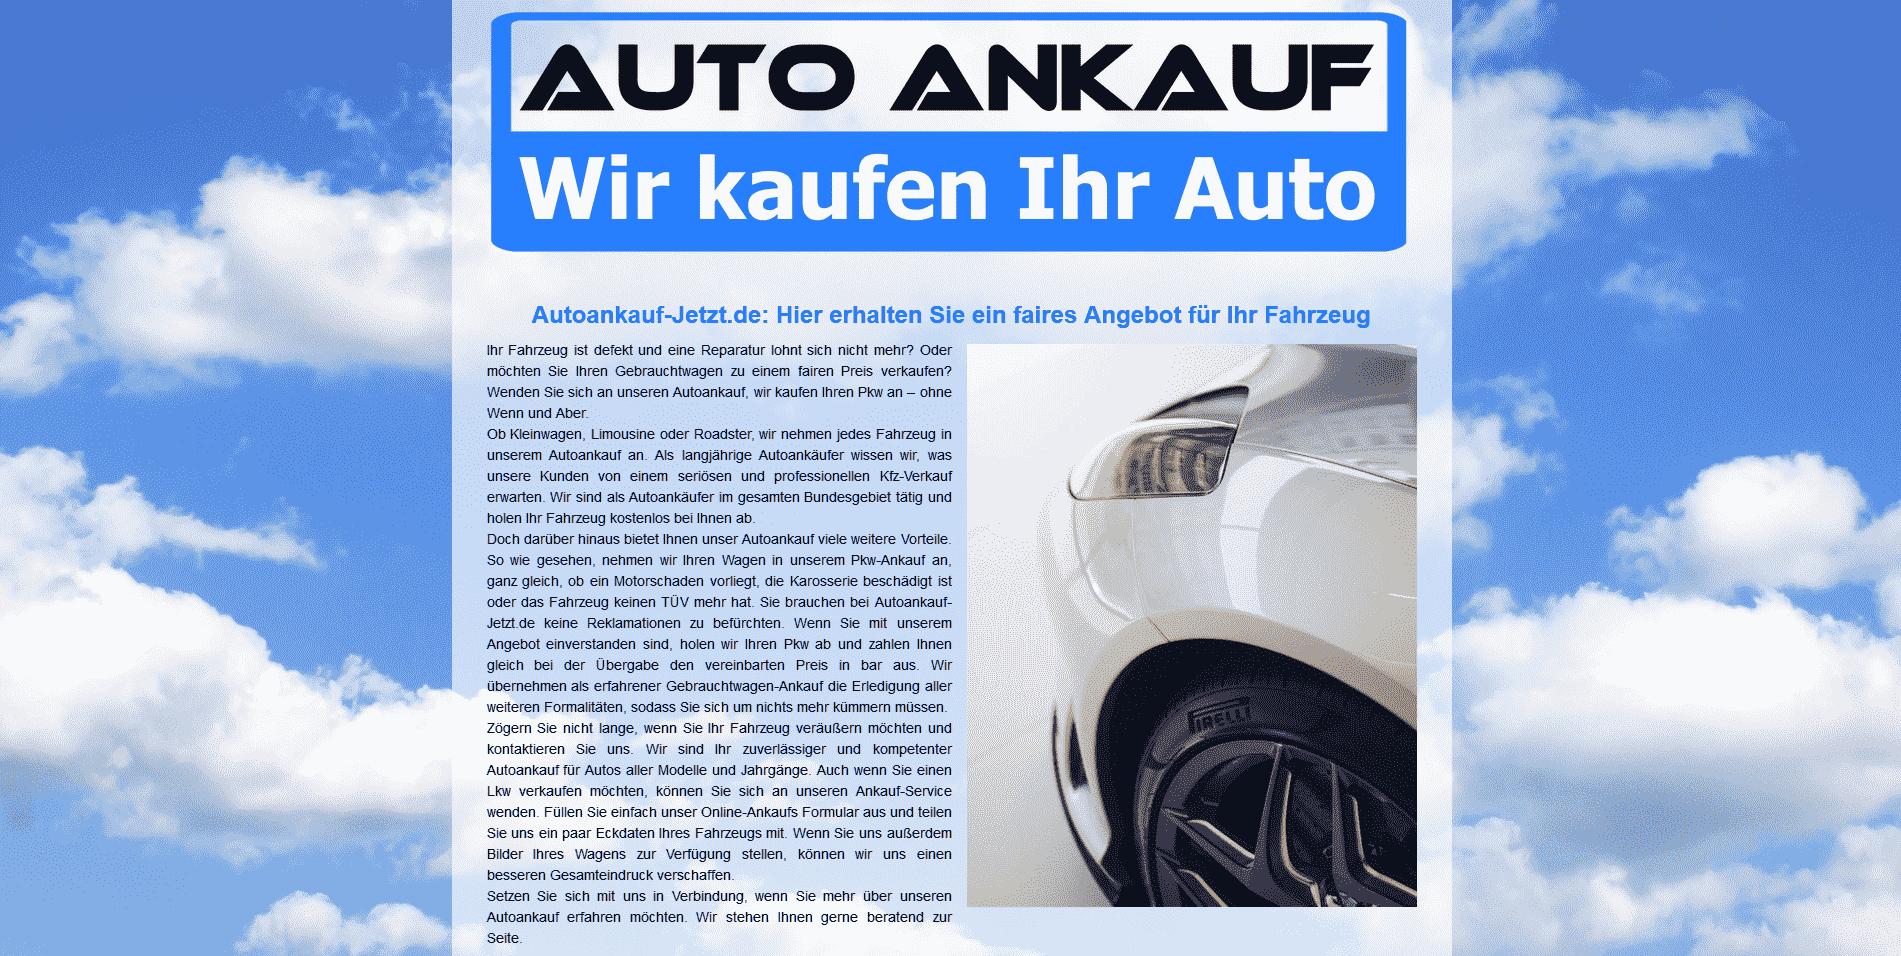 Professioneller Autoankauf in Eisenach zu Top-Preisen autoankauf-jetzt.de/